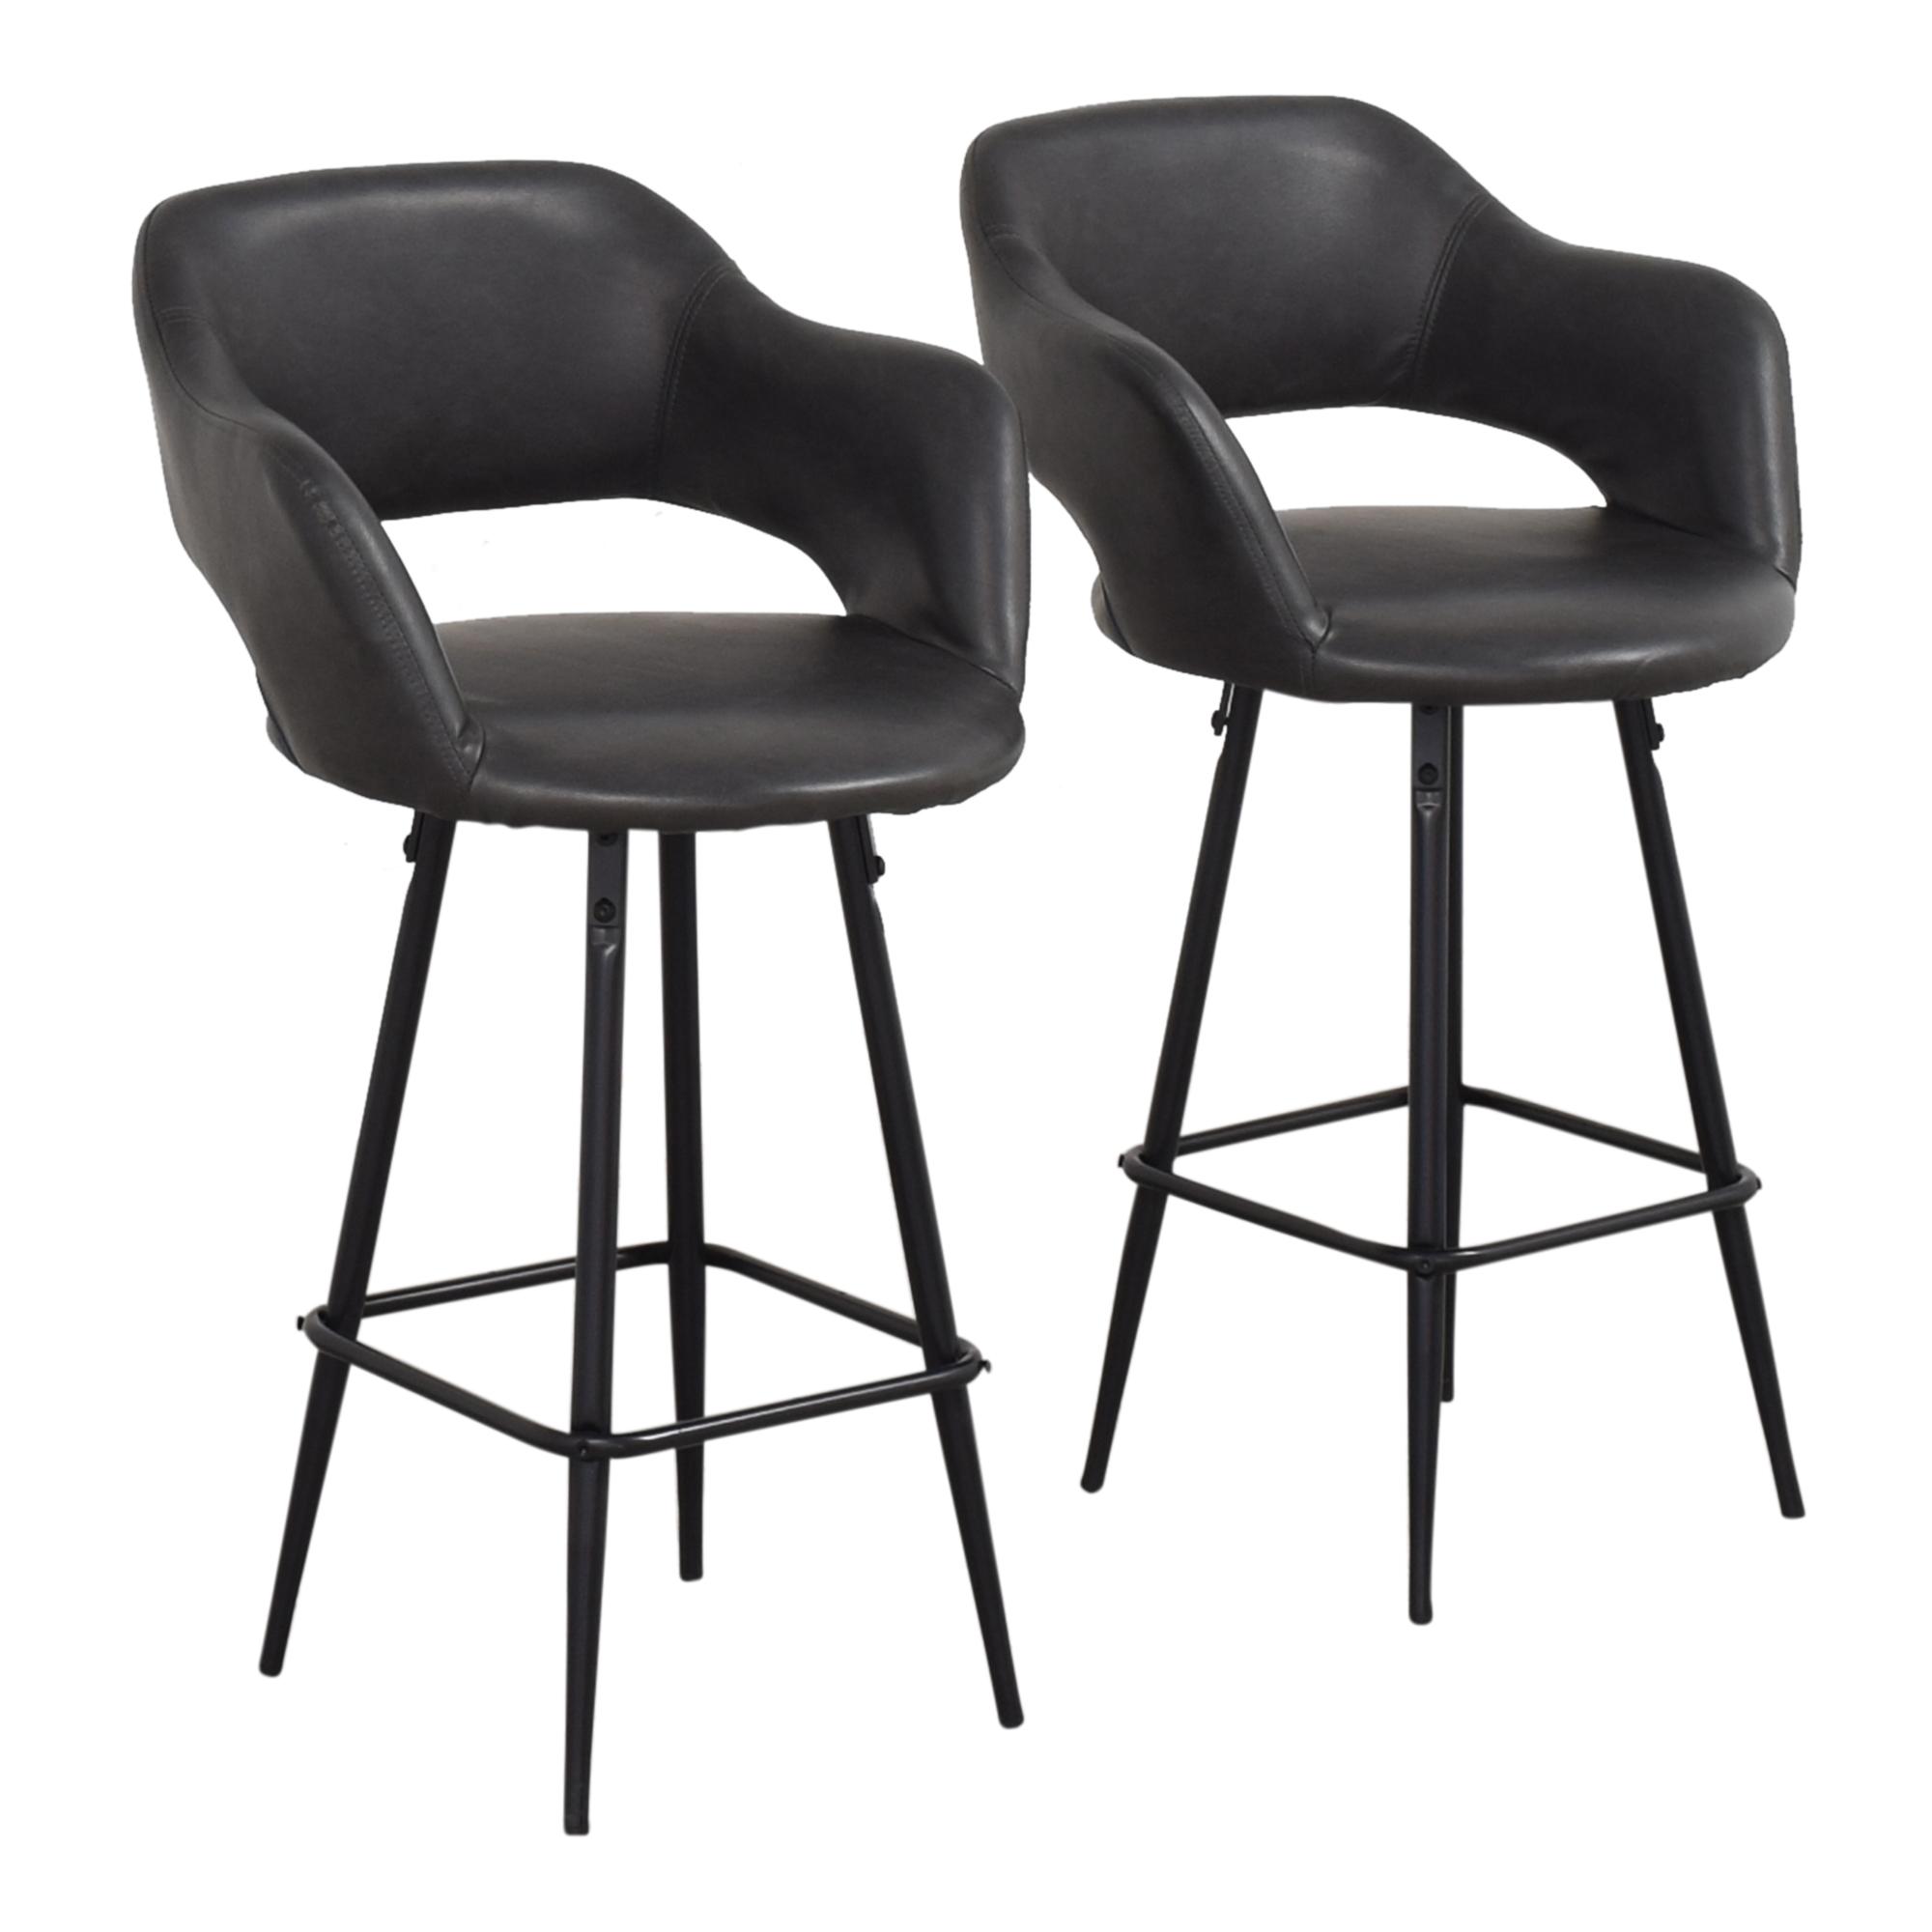 AllModern Allmodern Raphael Upholstered Bar Stools on sale